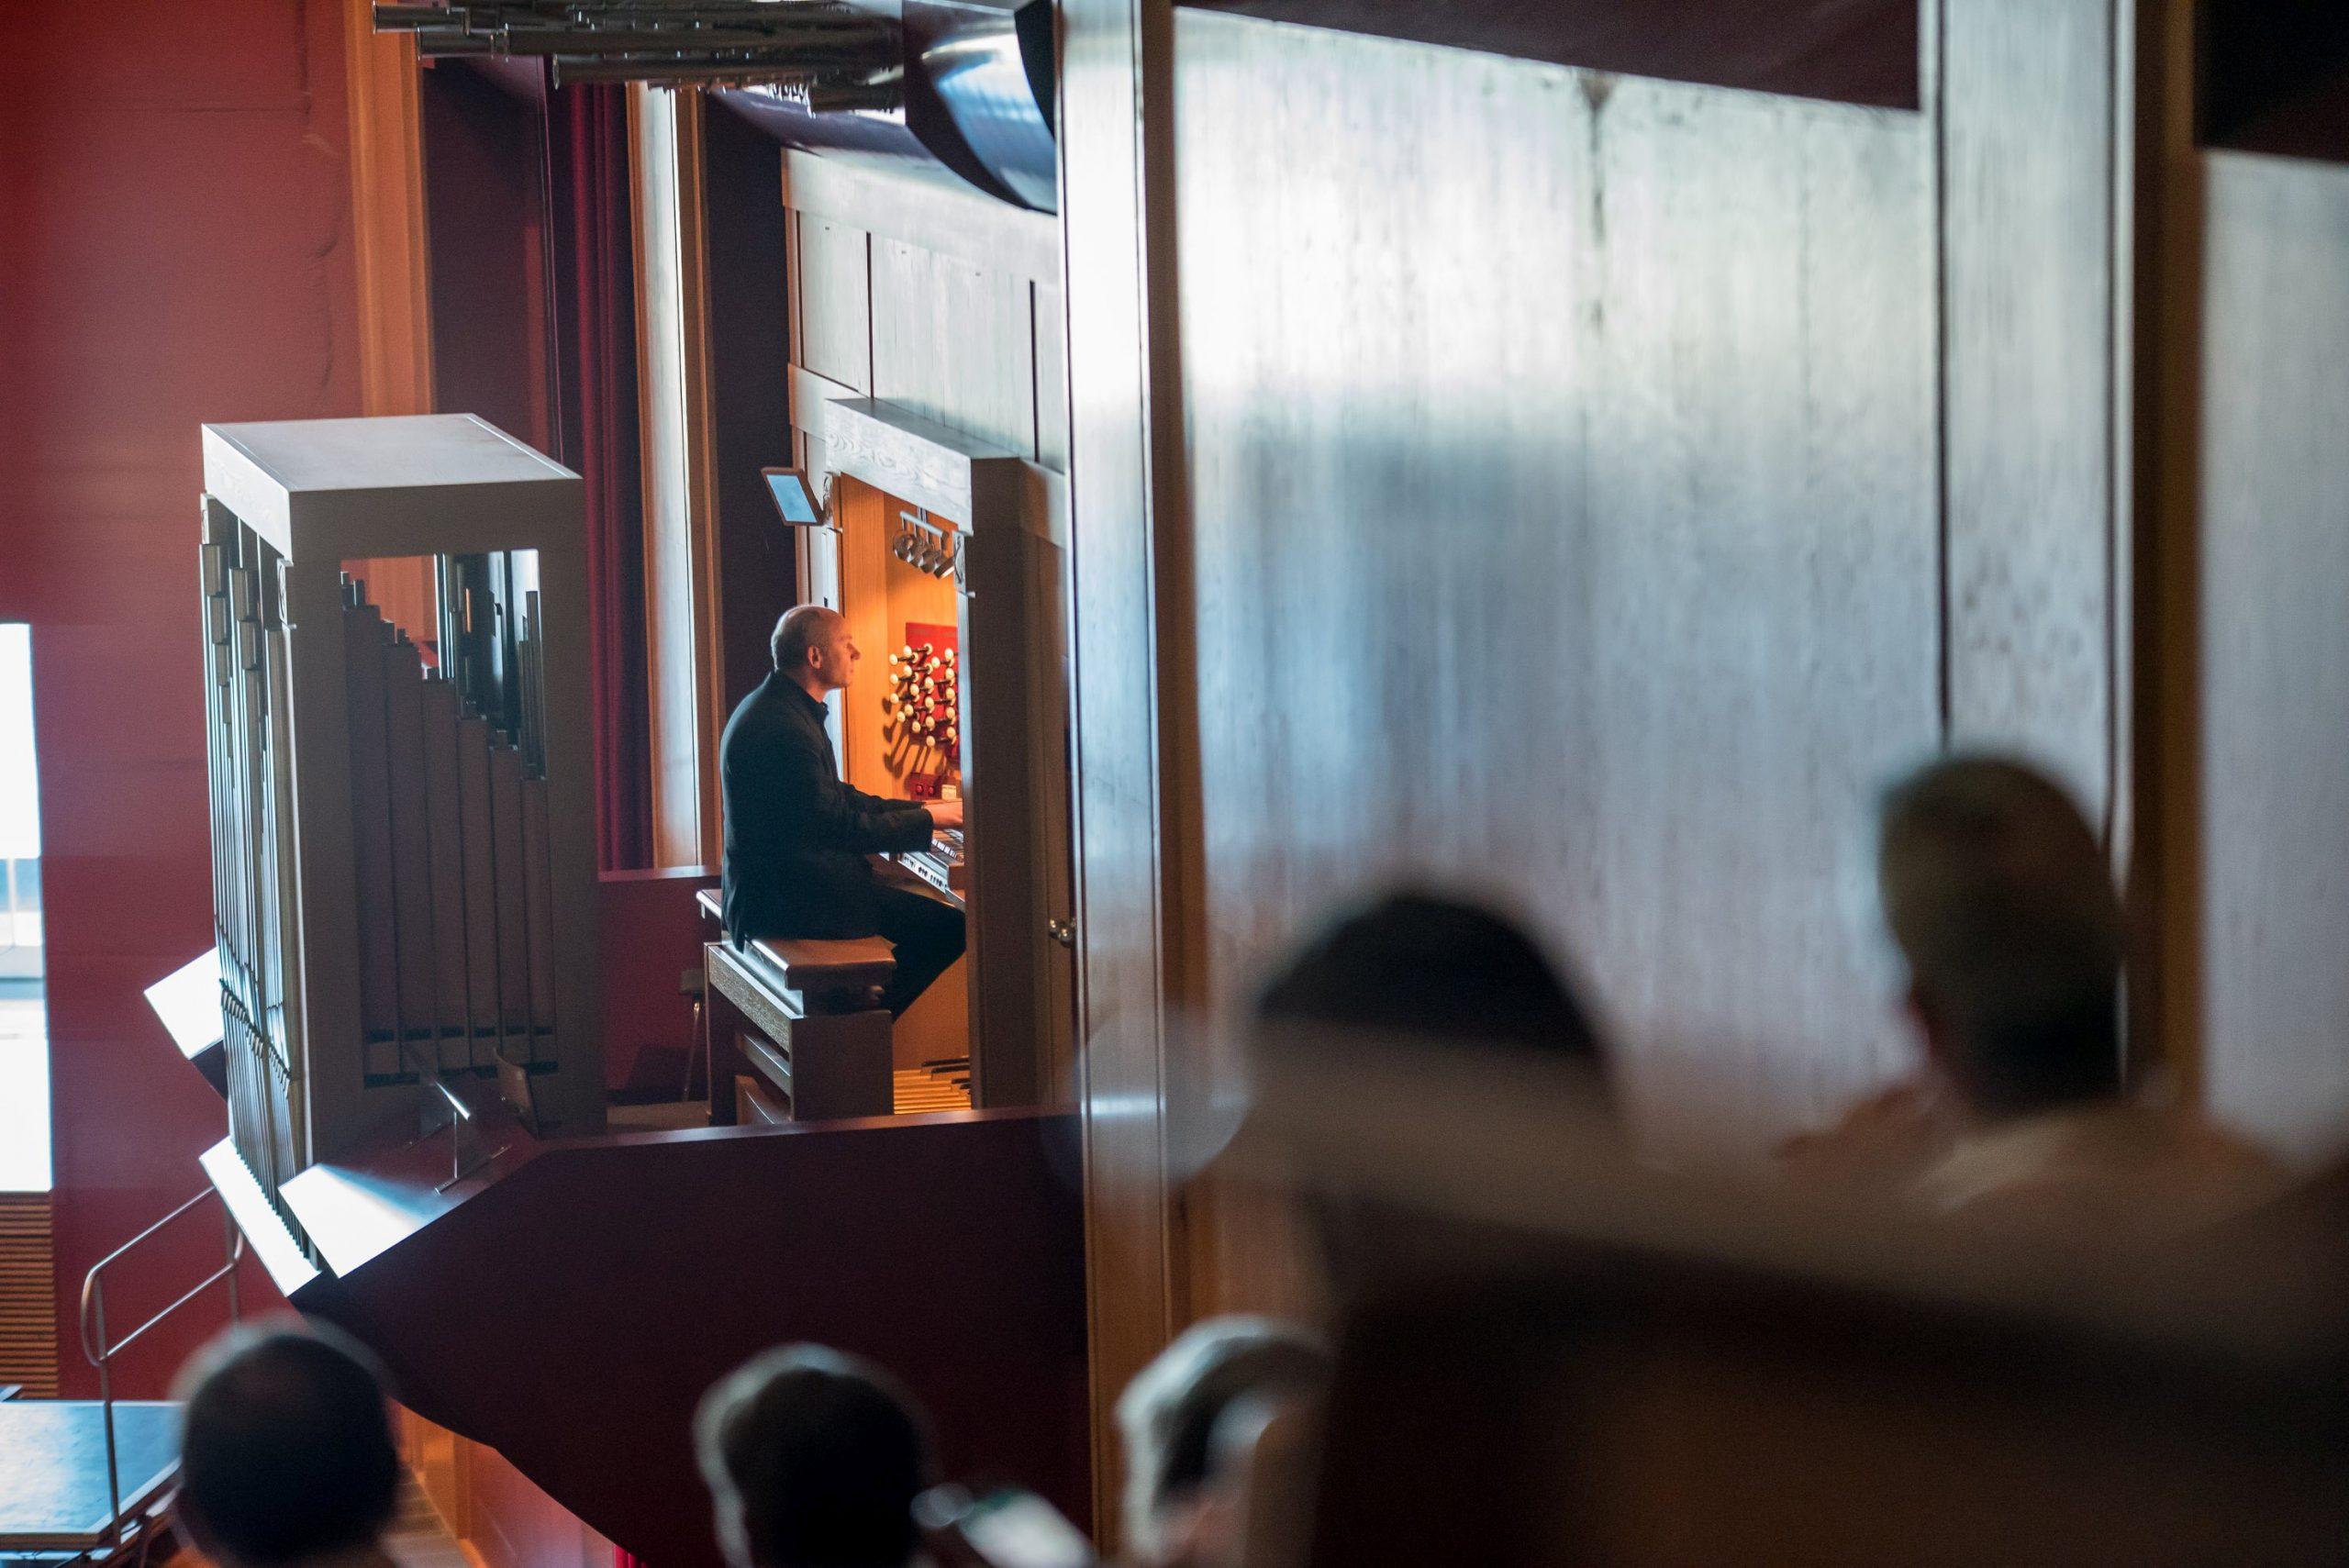 El órgano del Auditorio Alfredo Kraus vibra con la música de Bach y Brahms de la mano de Jürgen Essl